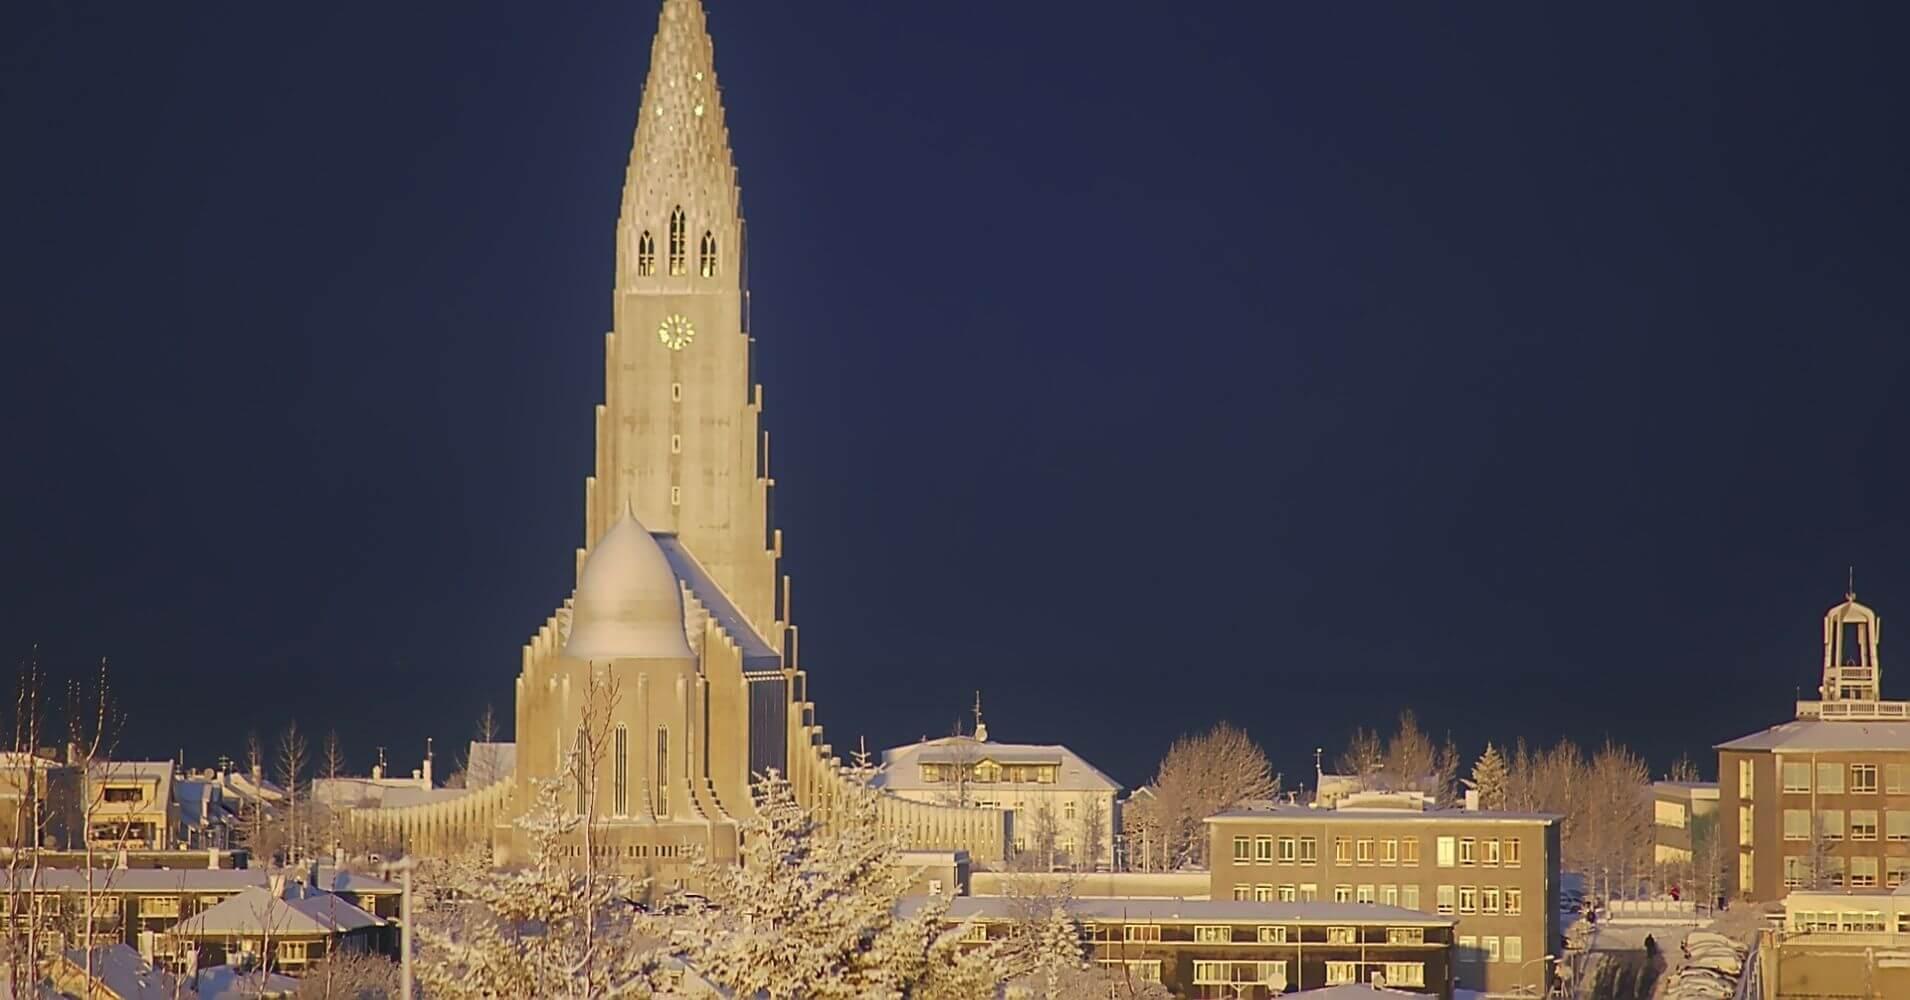 La Hallgrímskirkja, Catedral de Reyjkiavík en Islandia.